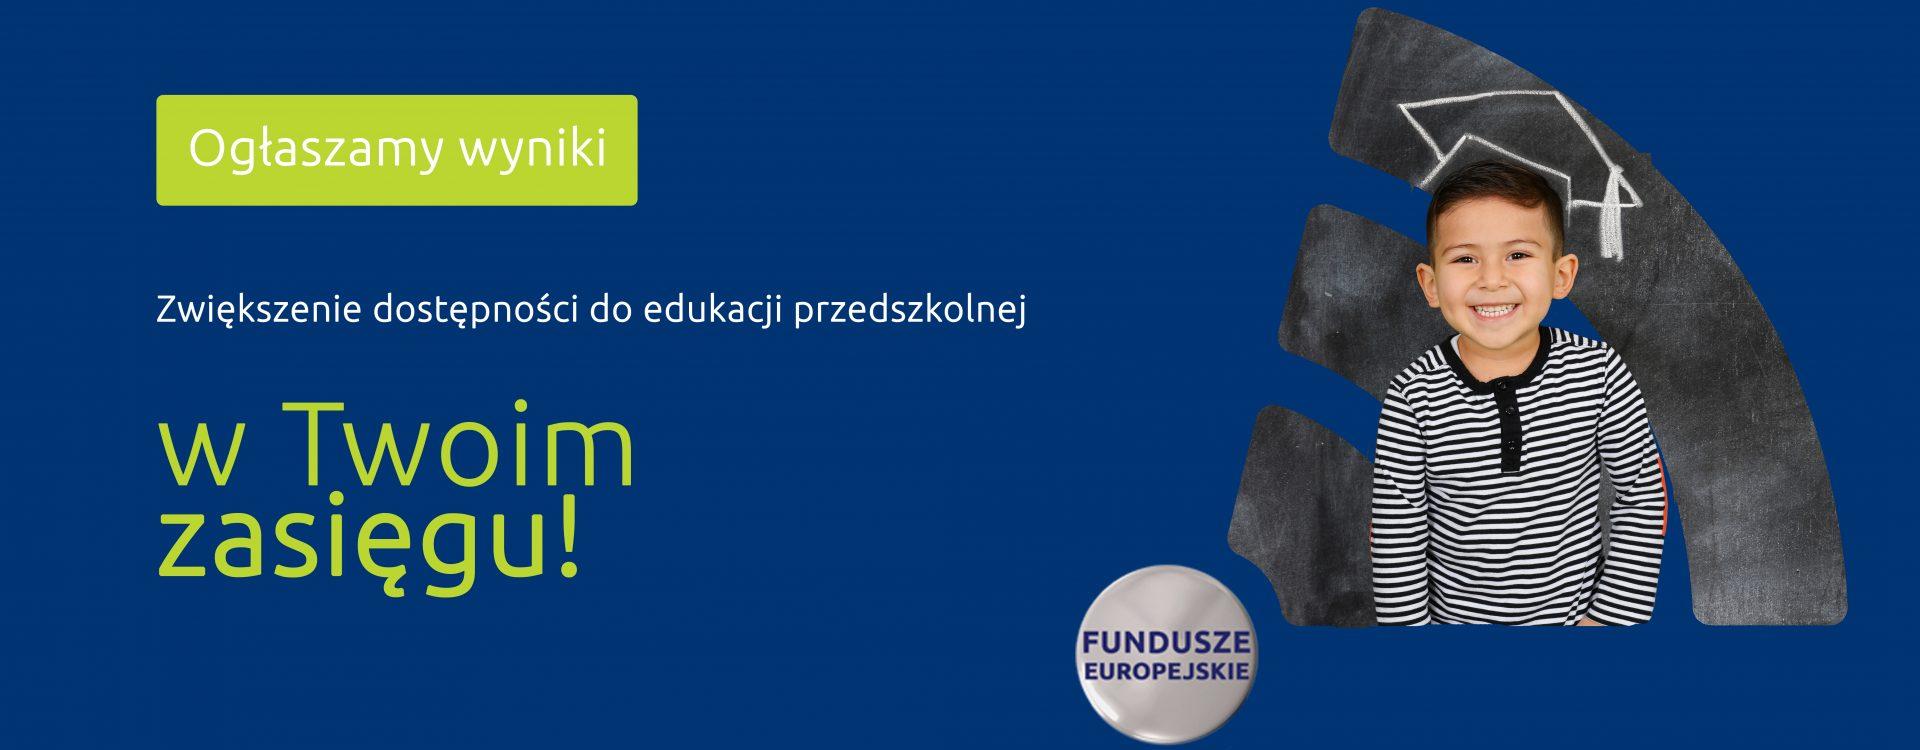 Ponad 20,4 mln zł na rozwój edukacji przedszkolnej na Mazowszu